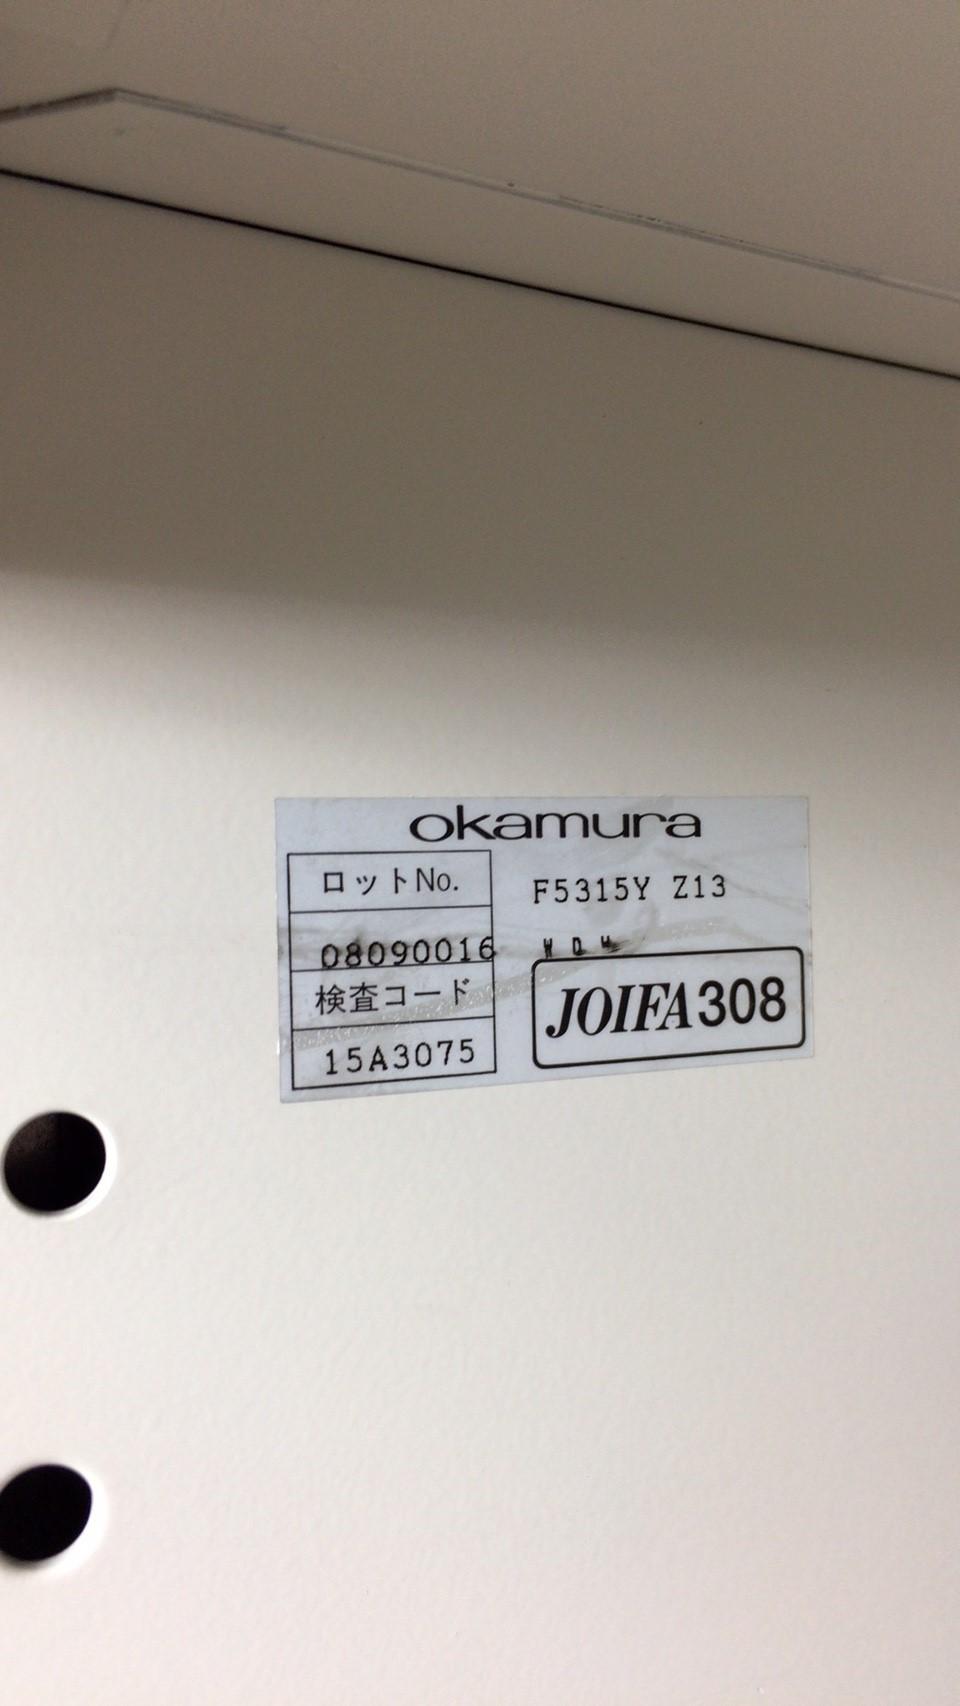 [スリムは幅800mmタイプ]両開き書庫 書類保管におススメ! A4ファイル3段収納可能 SAシリーズ(中古)_7